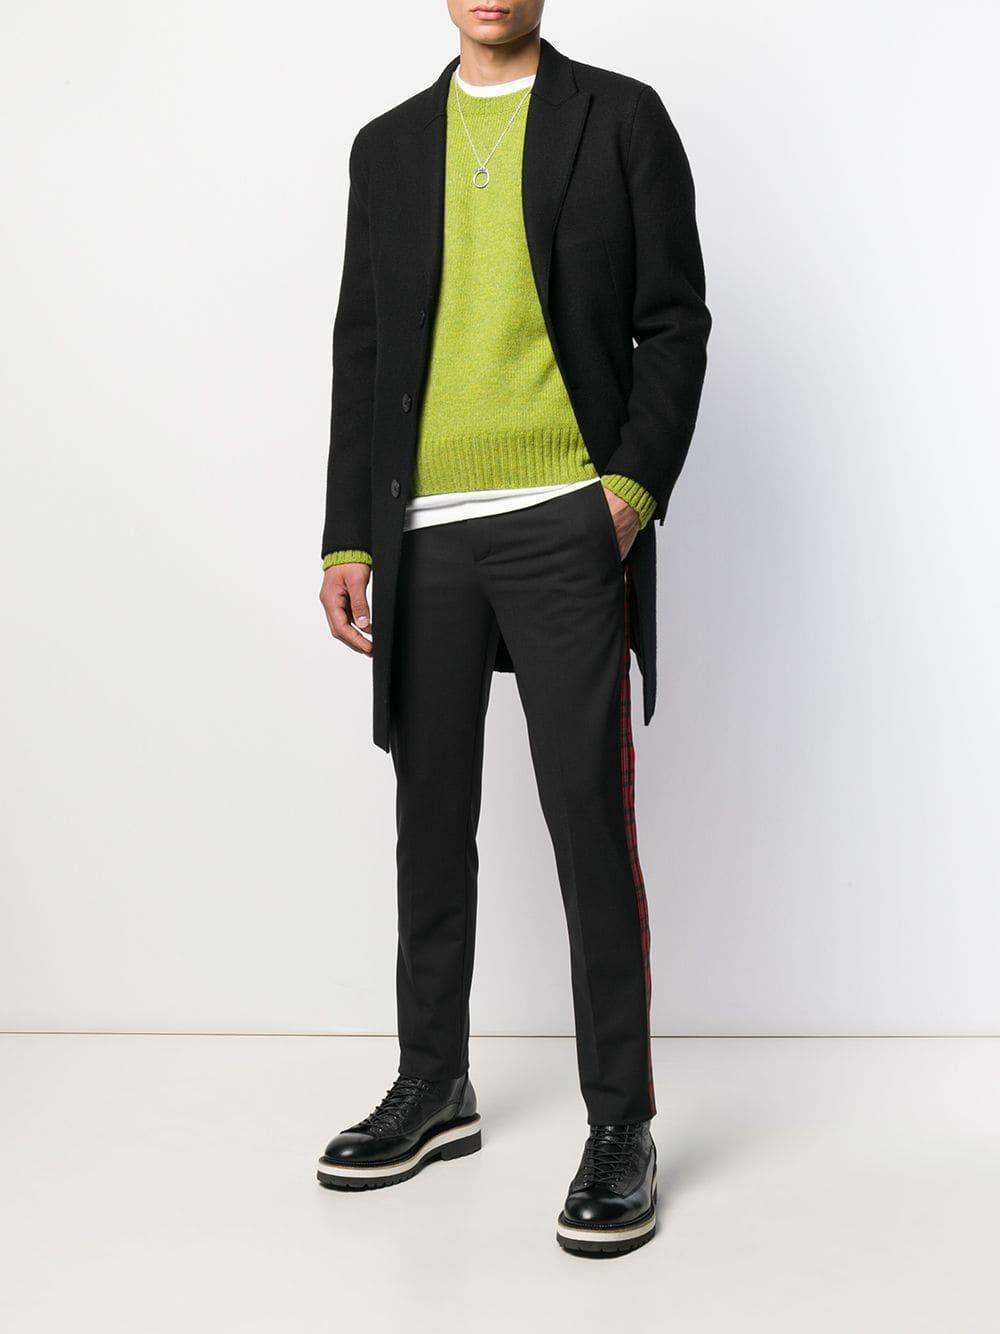 Manteau droit à fermeture dissimulée Laines Neil Barrett pour homme en coloris Noir zGCG9